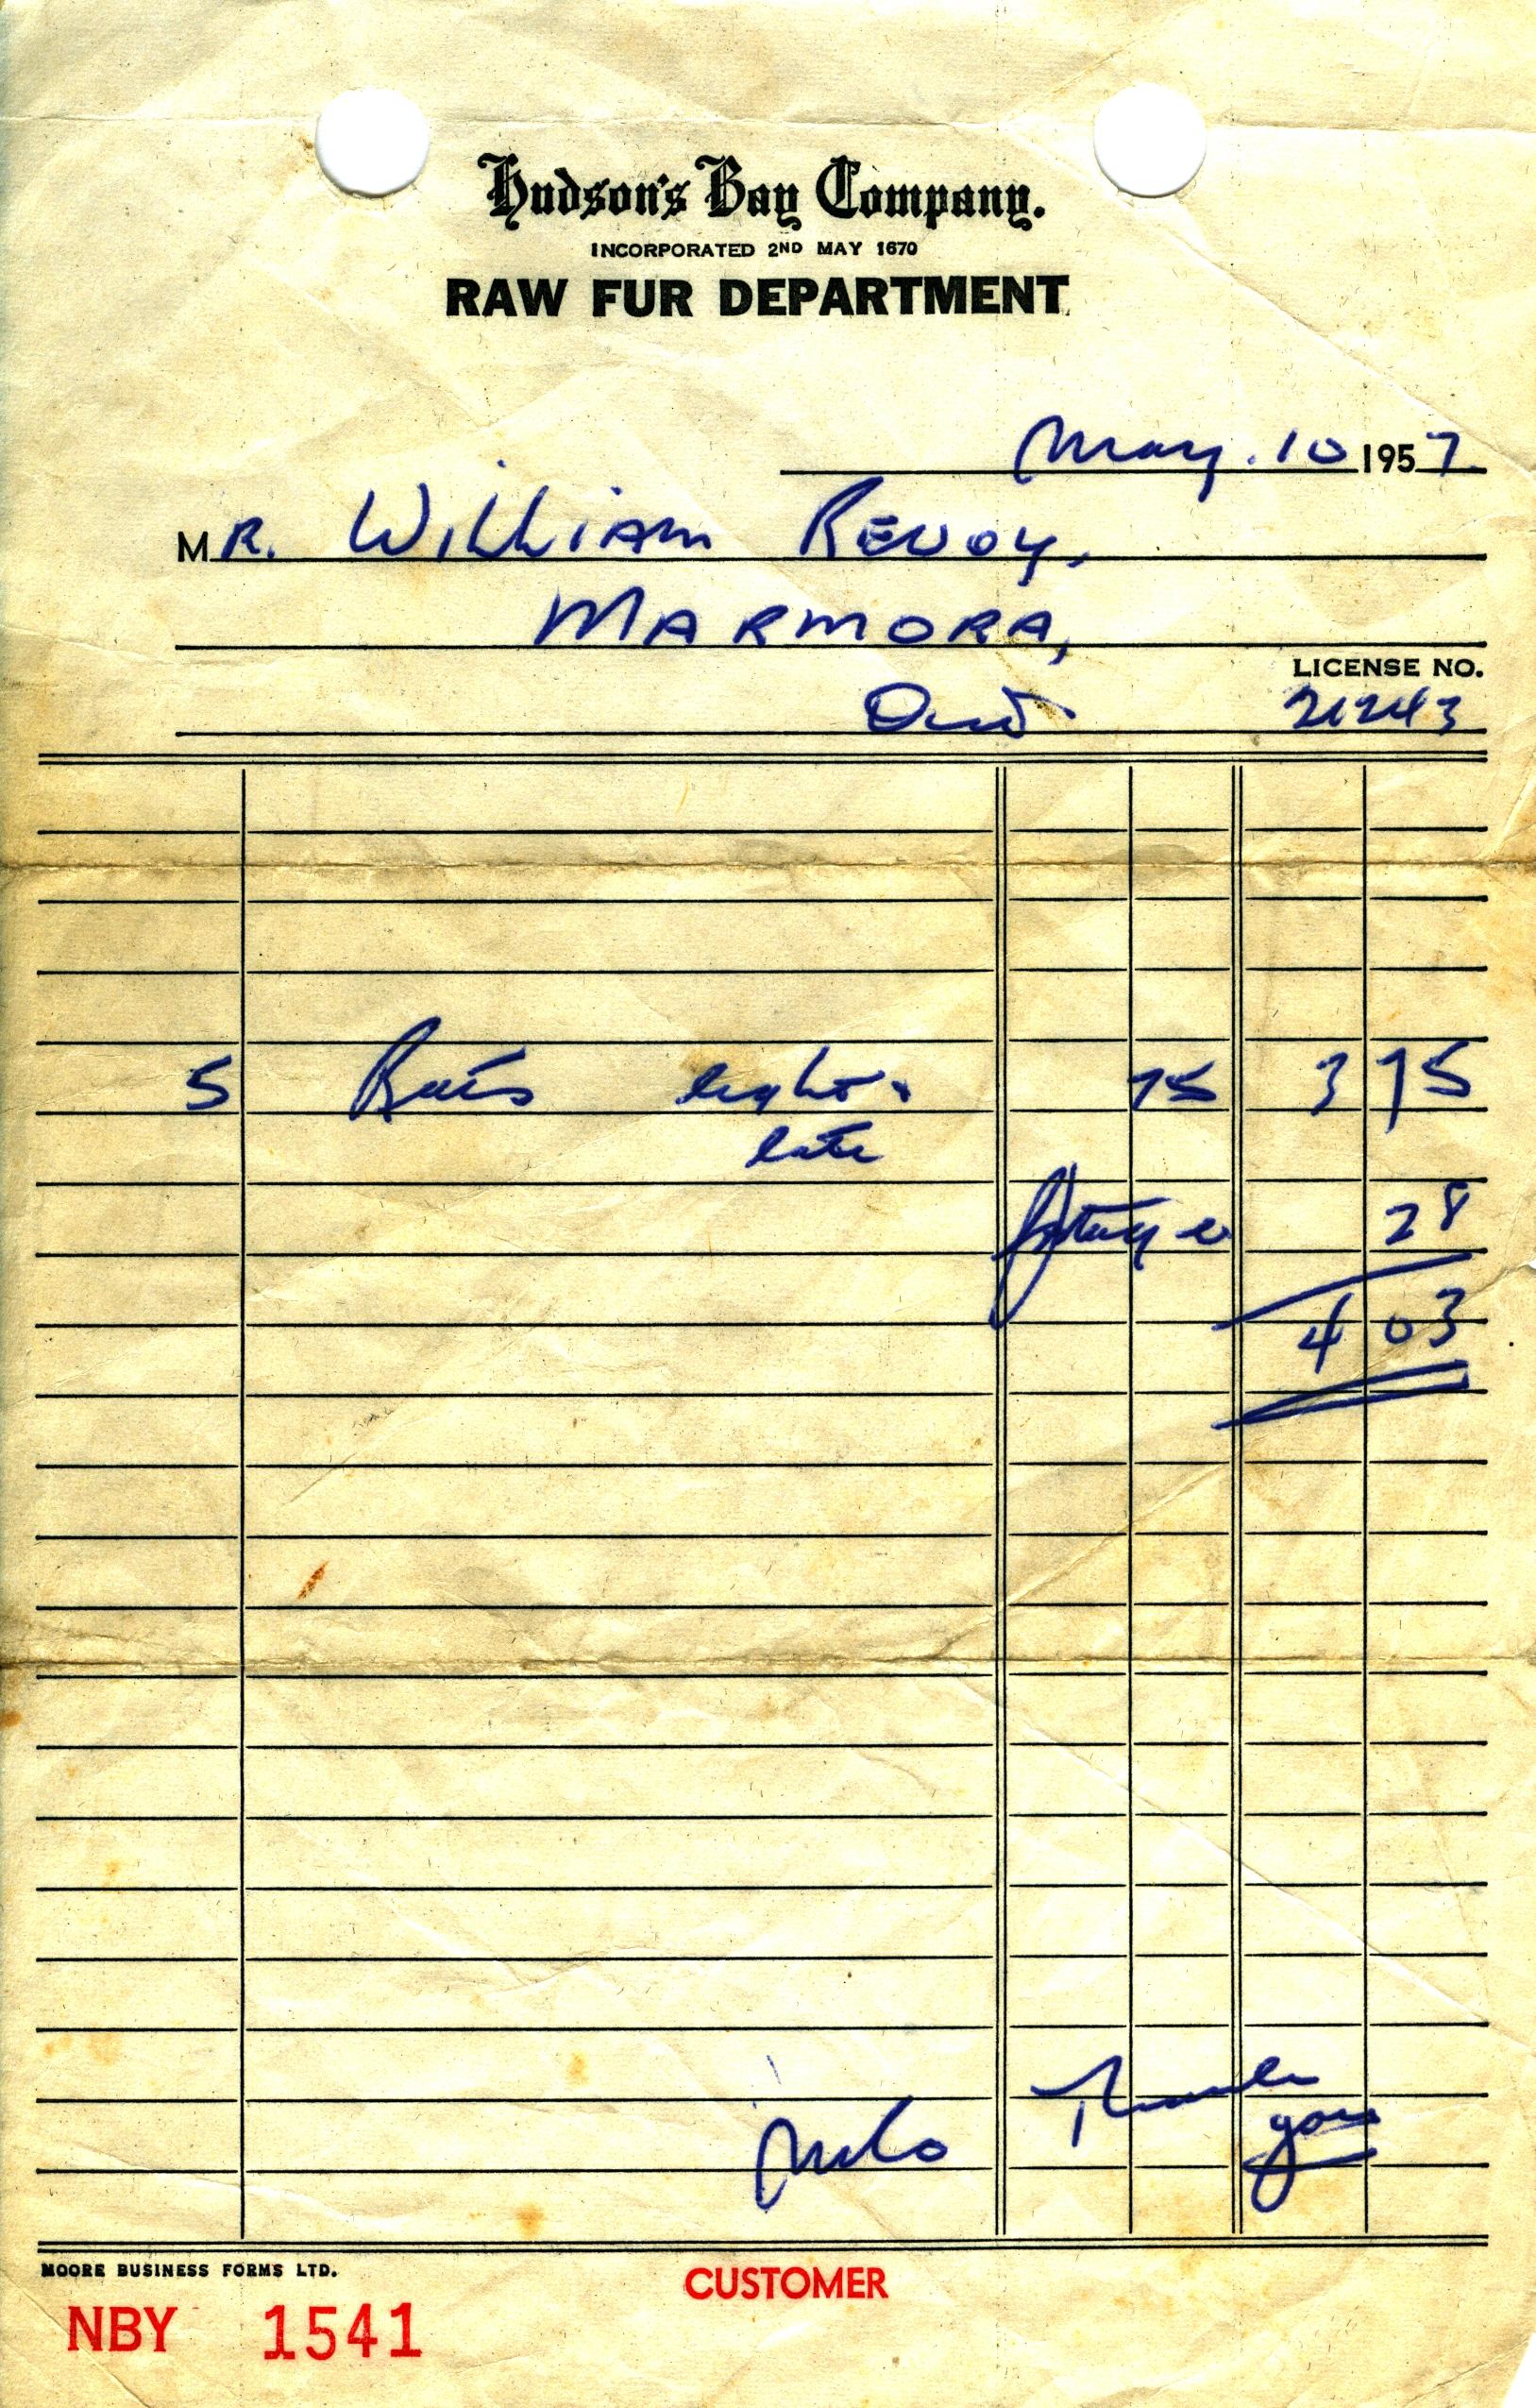 hUDSON'S bAY cO. PAYS $3.75 FOR 5 RAT SKINS